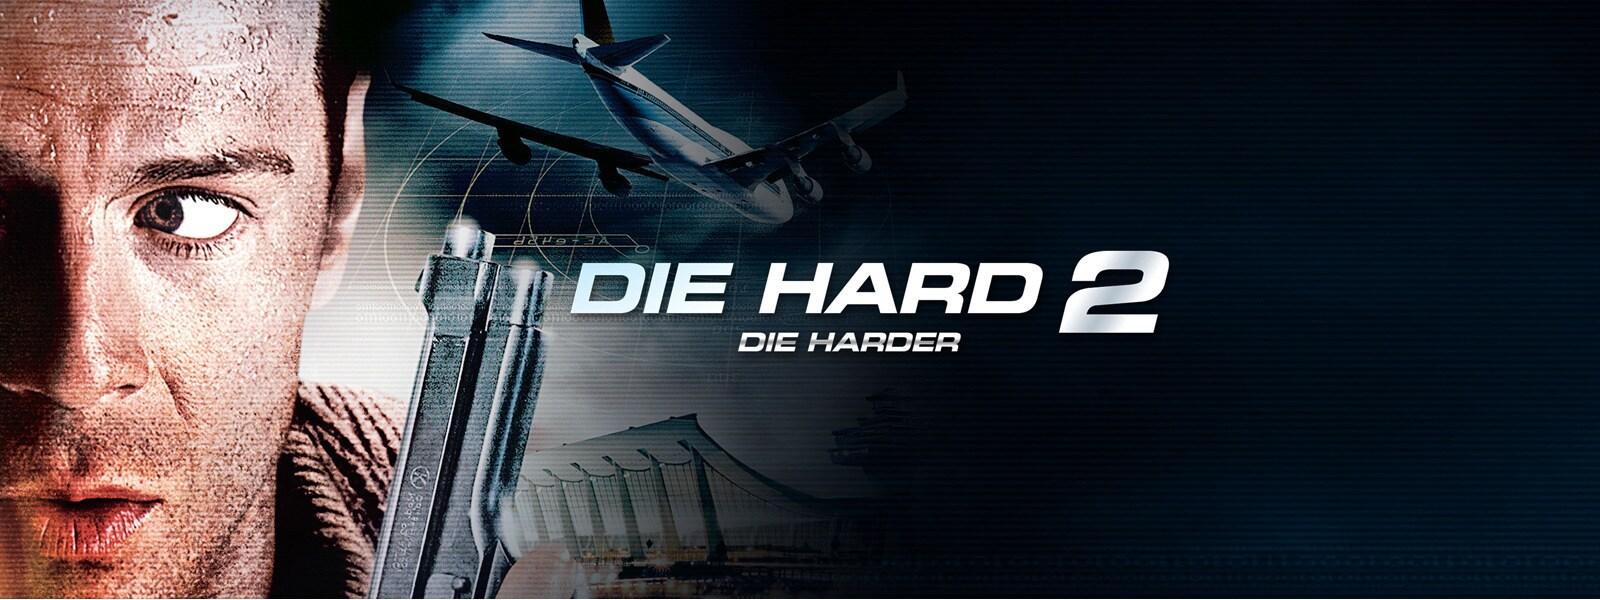 ダイ・ハード2 Die Hard 2 Hero